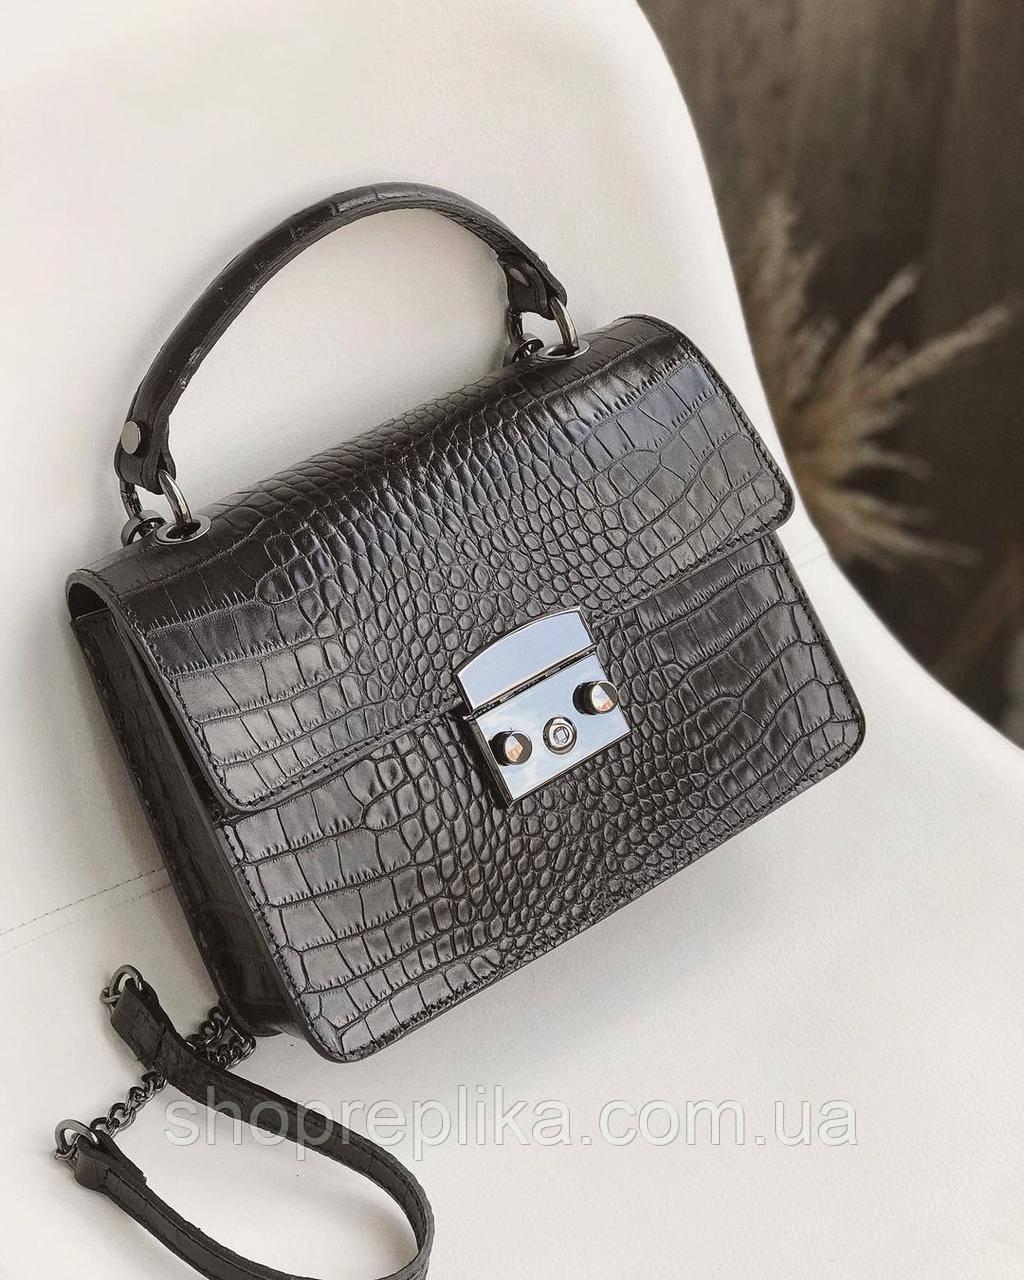 Женская Сумка кожаная черная сумка через плечо женская Женские сумки из кожи